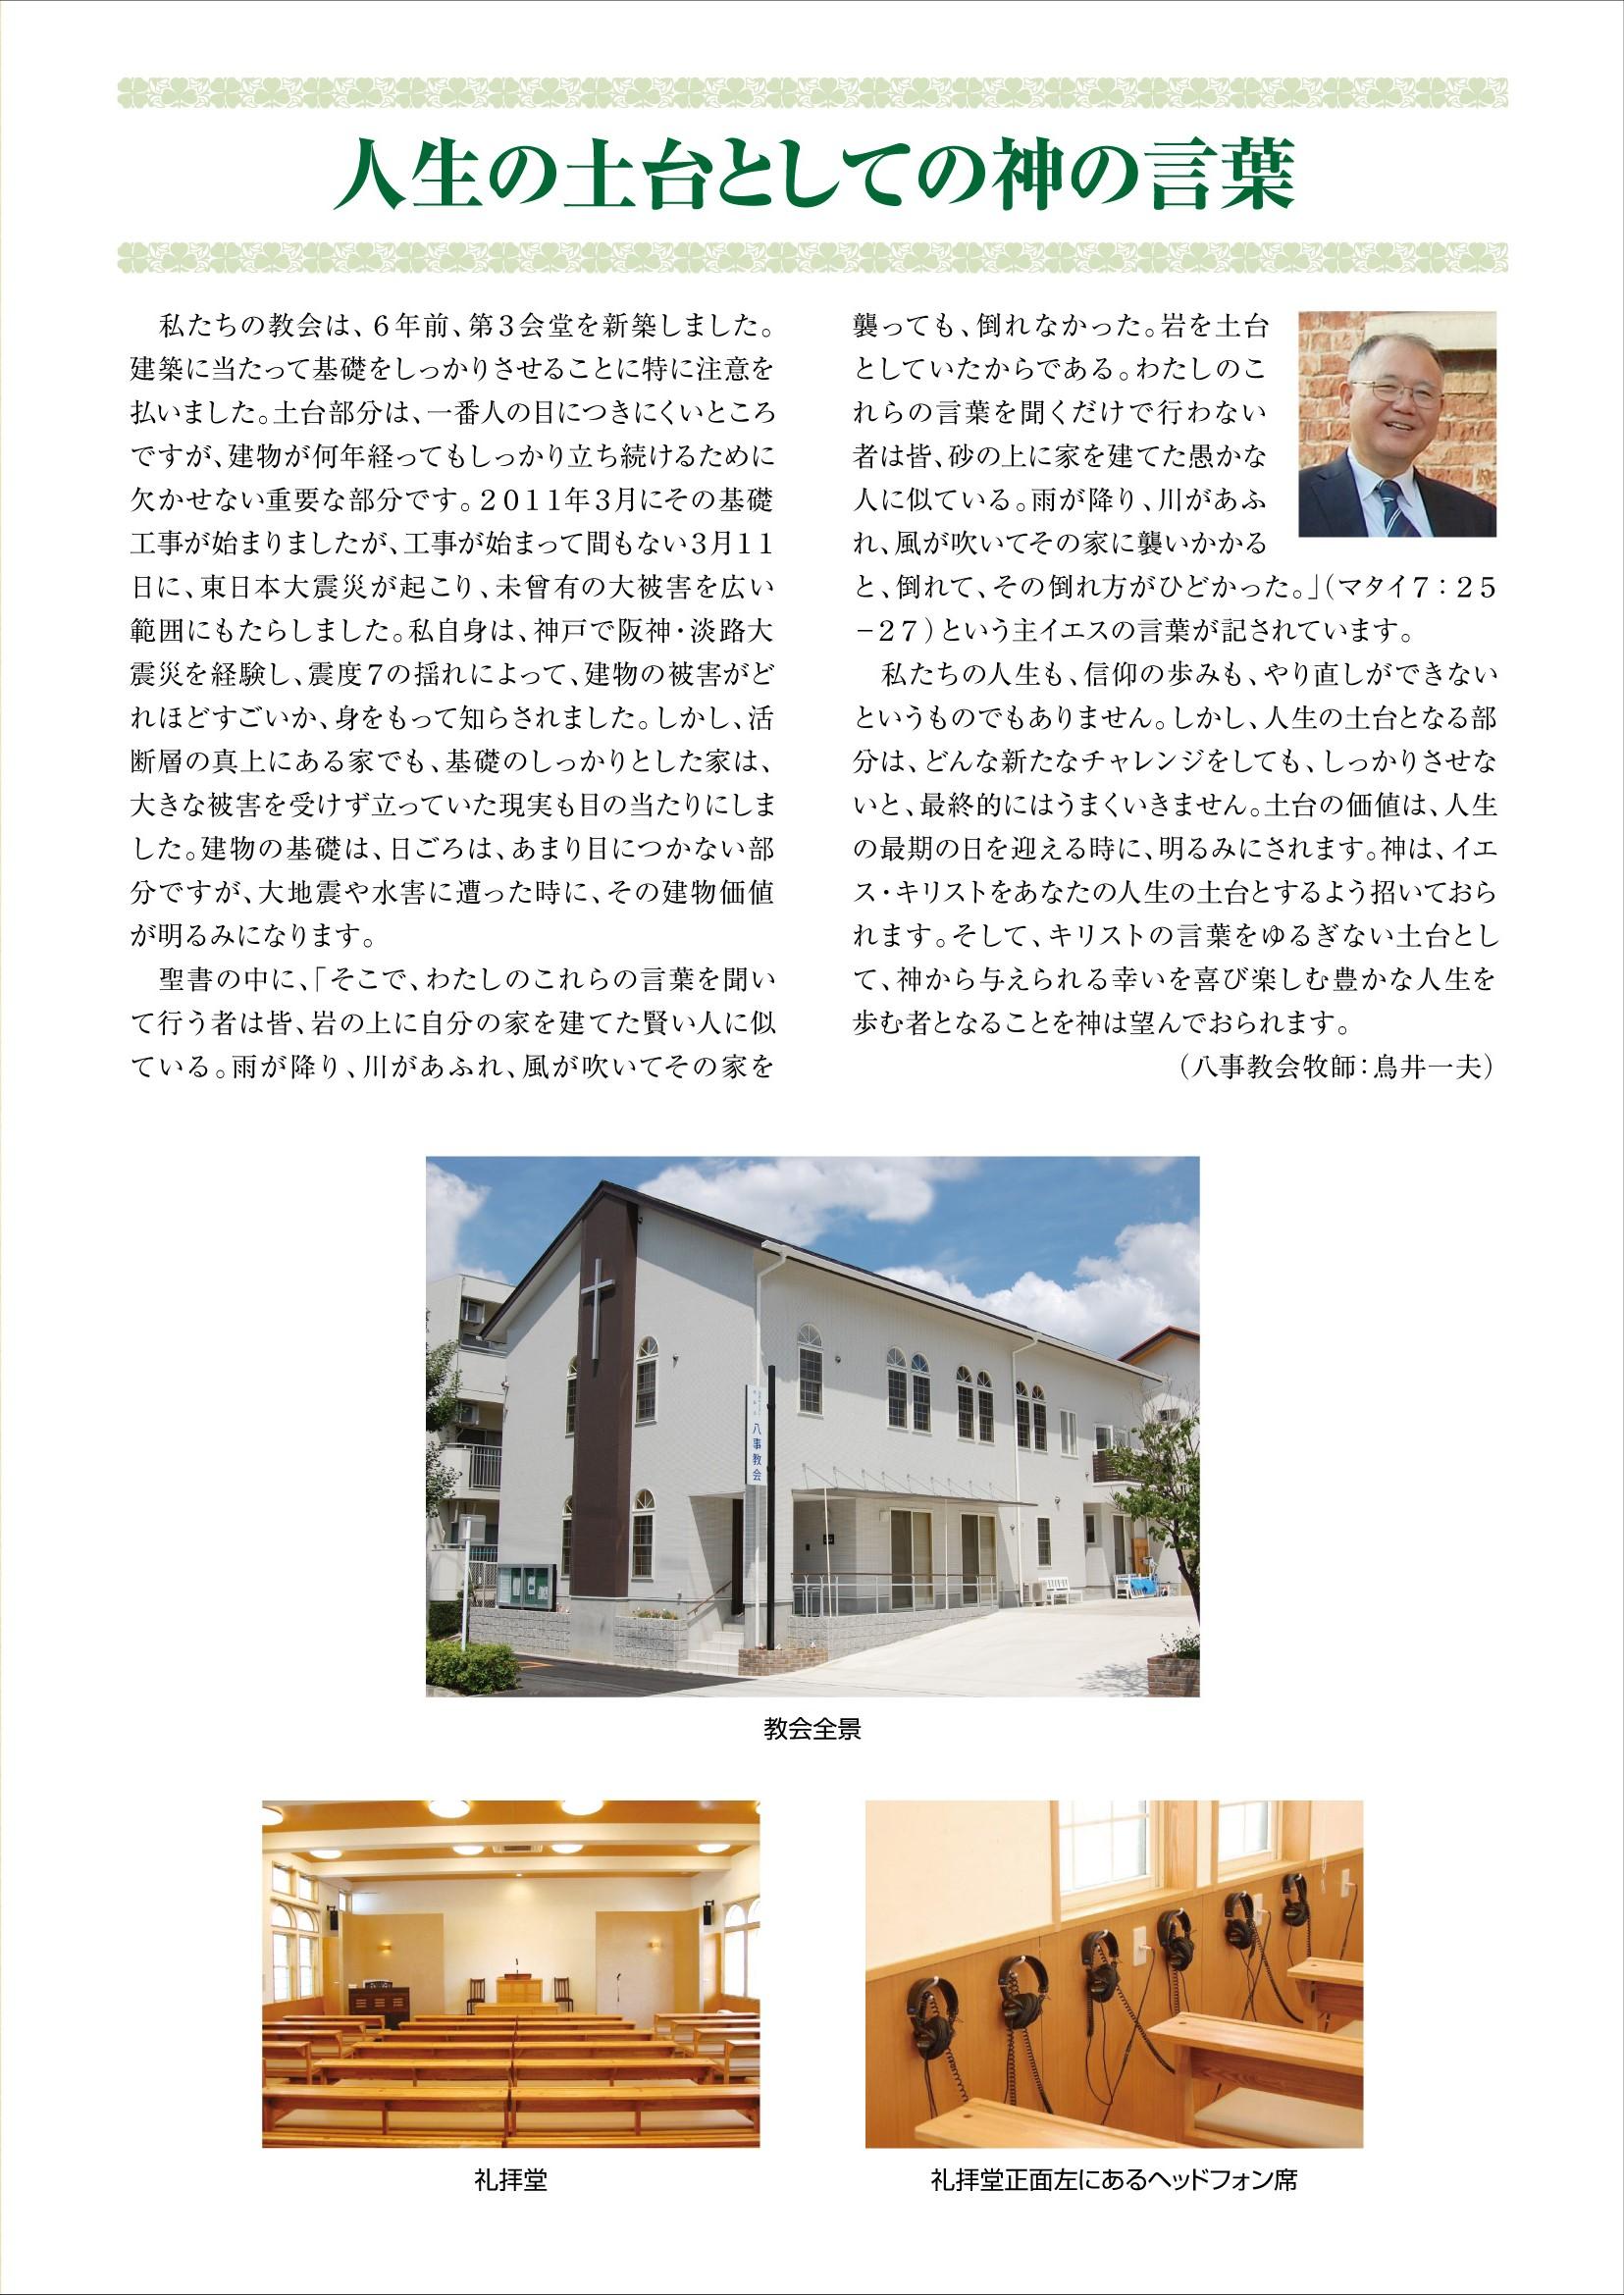 日本キリスト改革派八事教会ニュースレター第4号3ページ